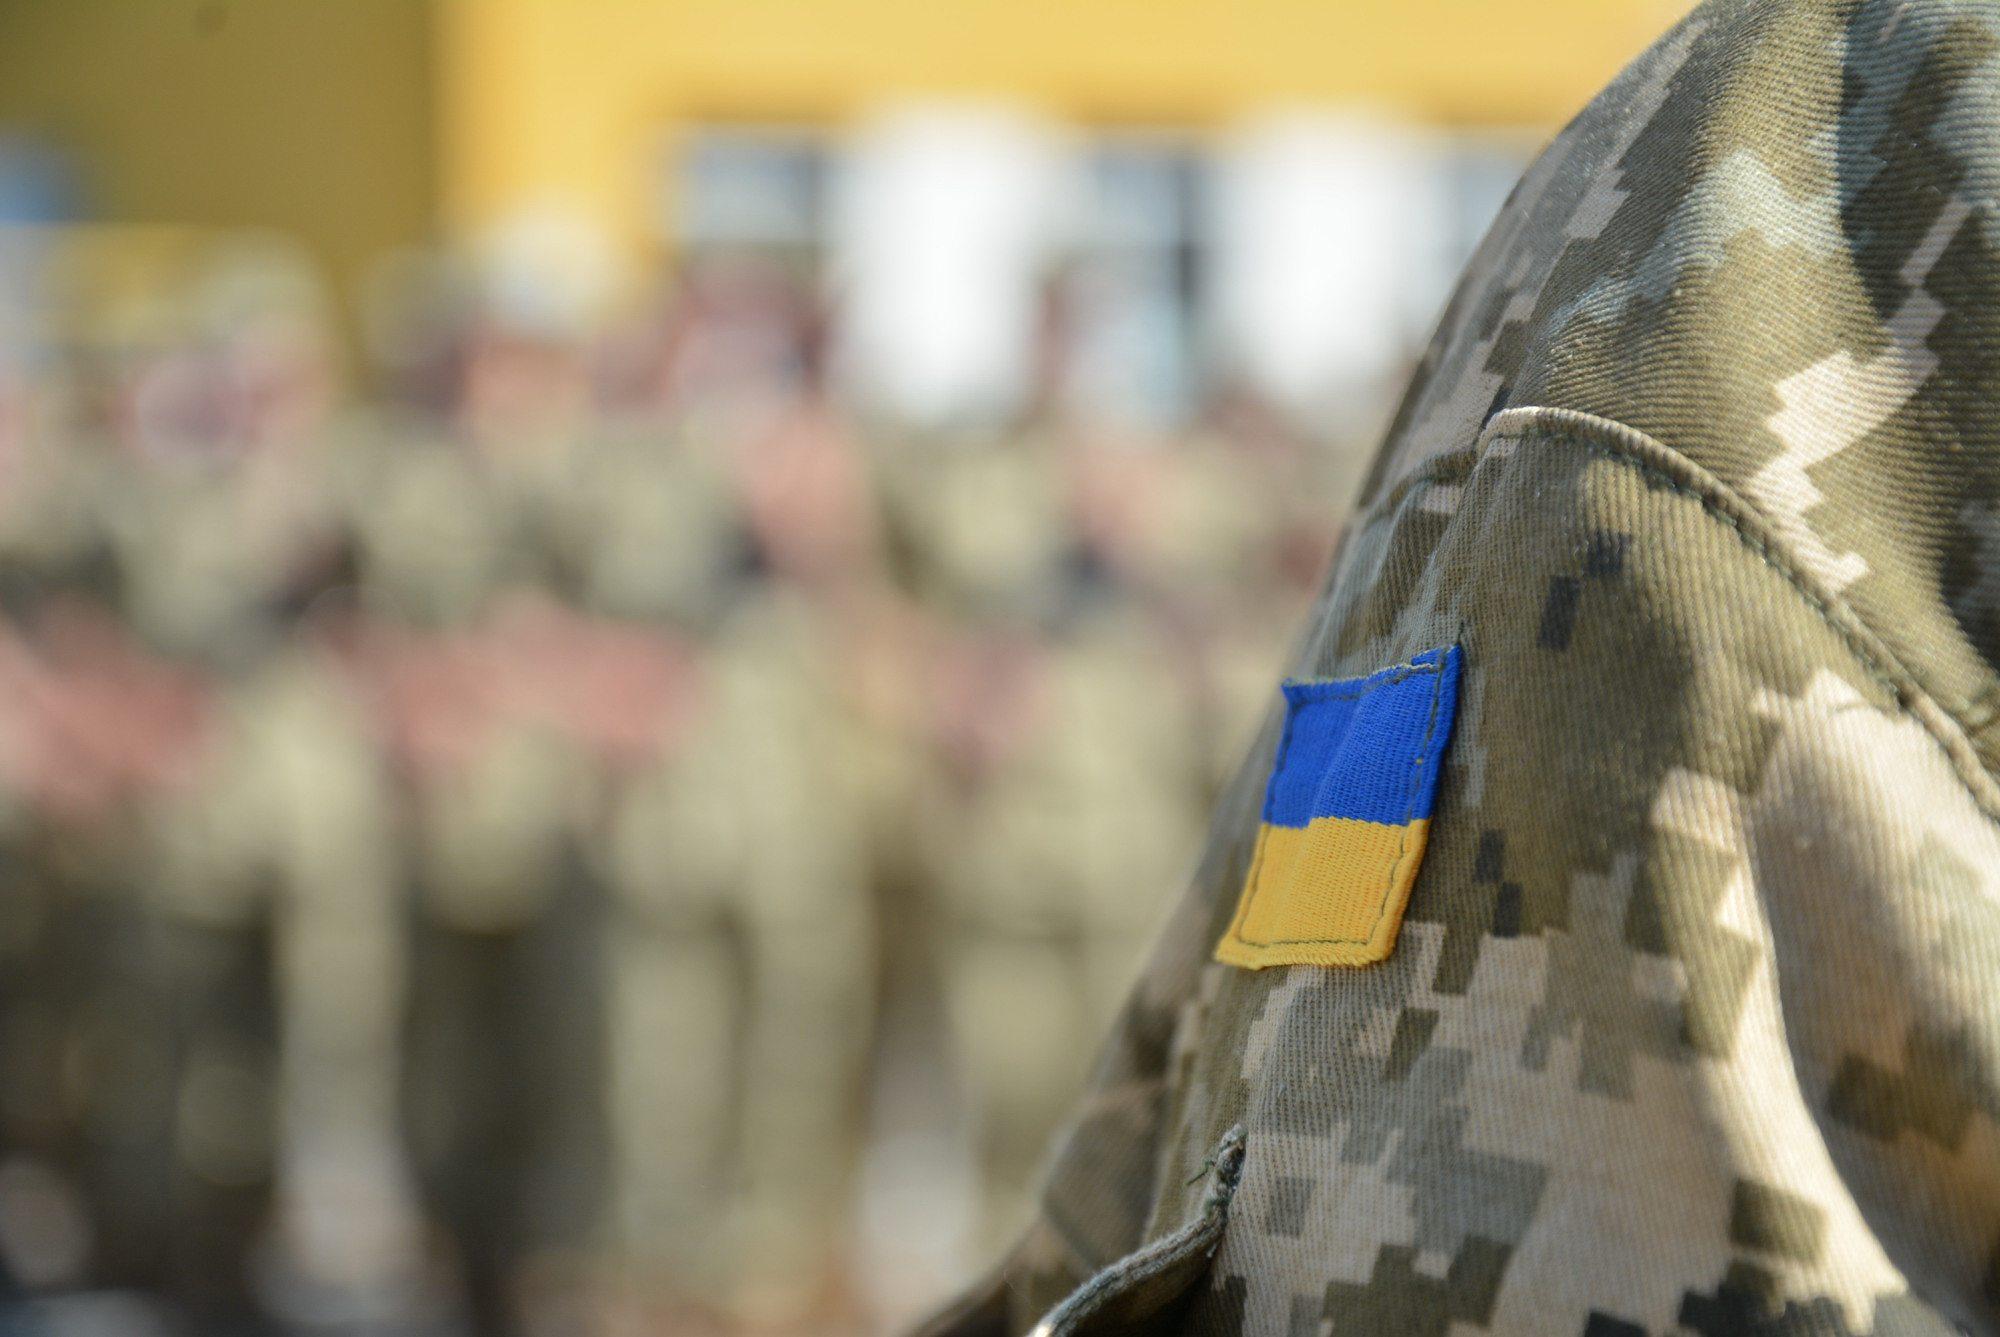 El Estado Mayor de las Fuerzas Armadas de Ucrania ha publicado instrucciones sobre como denunciar a los conciudadanos de habla rusa